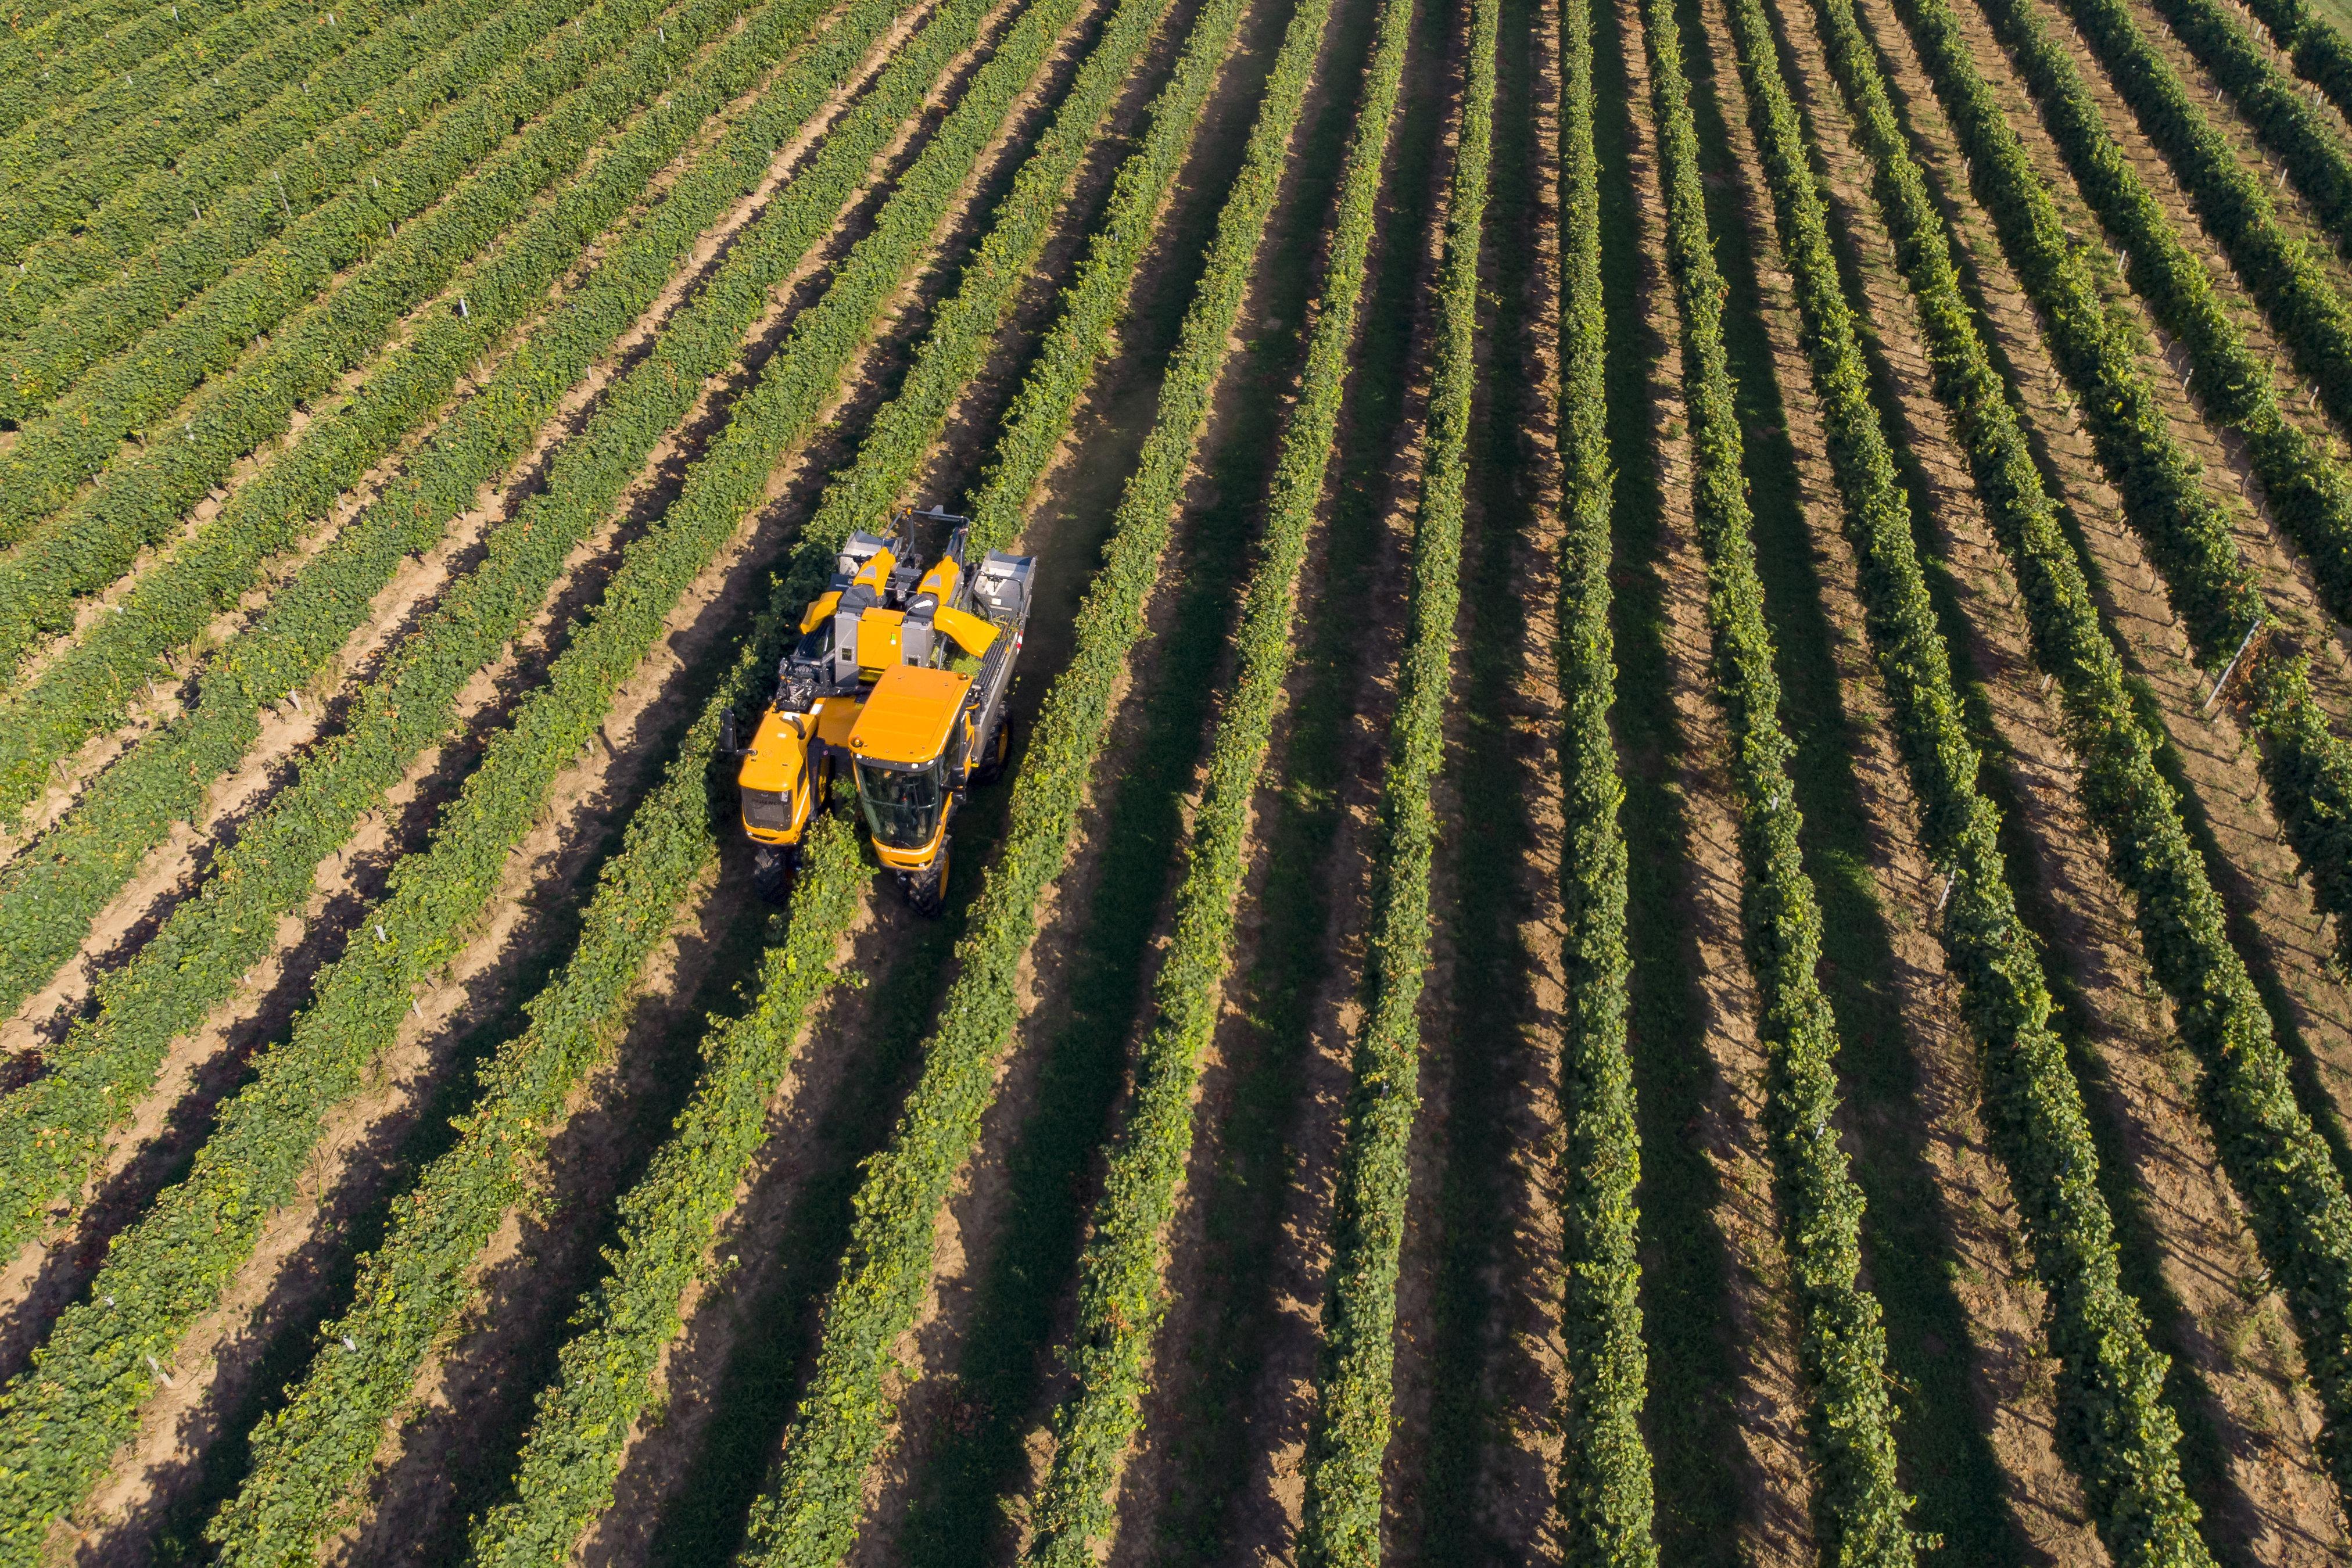 Jót akart az EU az agrártámogatások átalakításával, mégis mindenki utálta a javaslatot